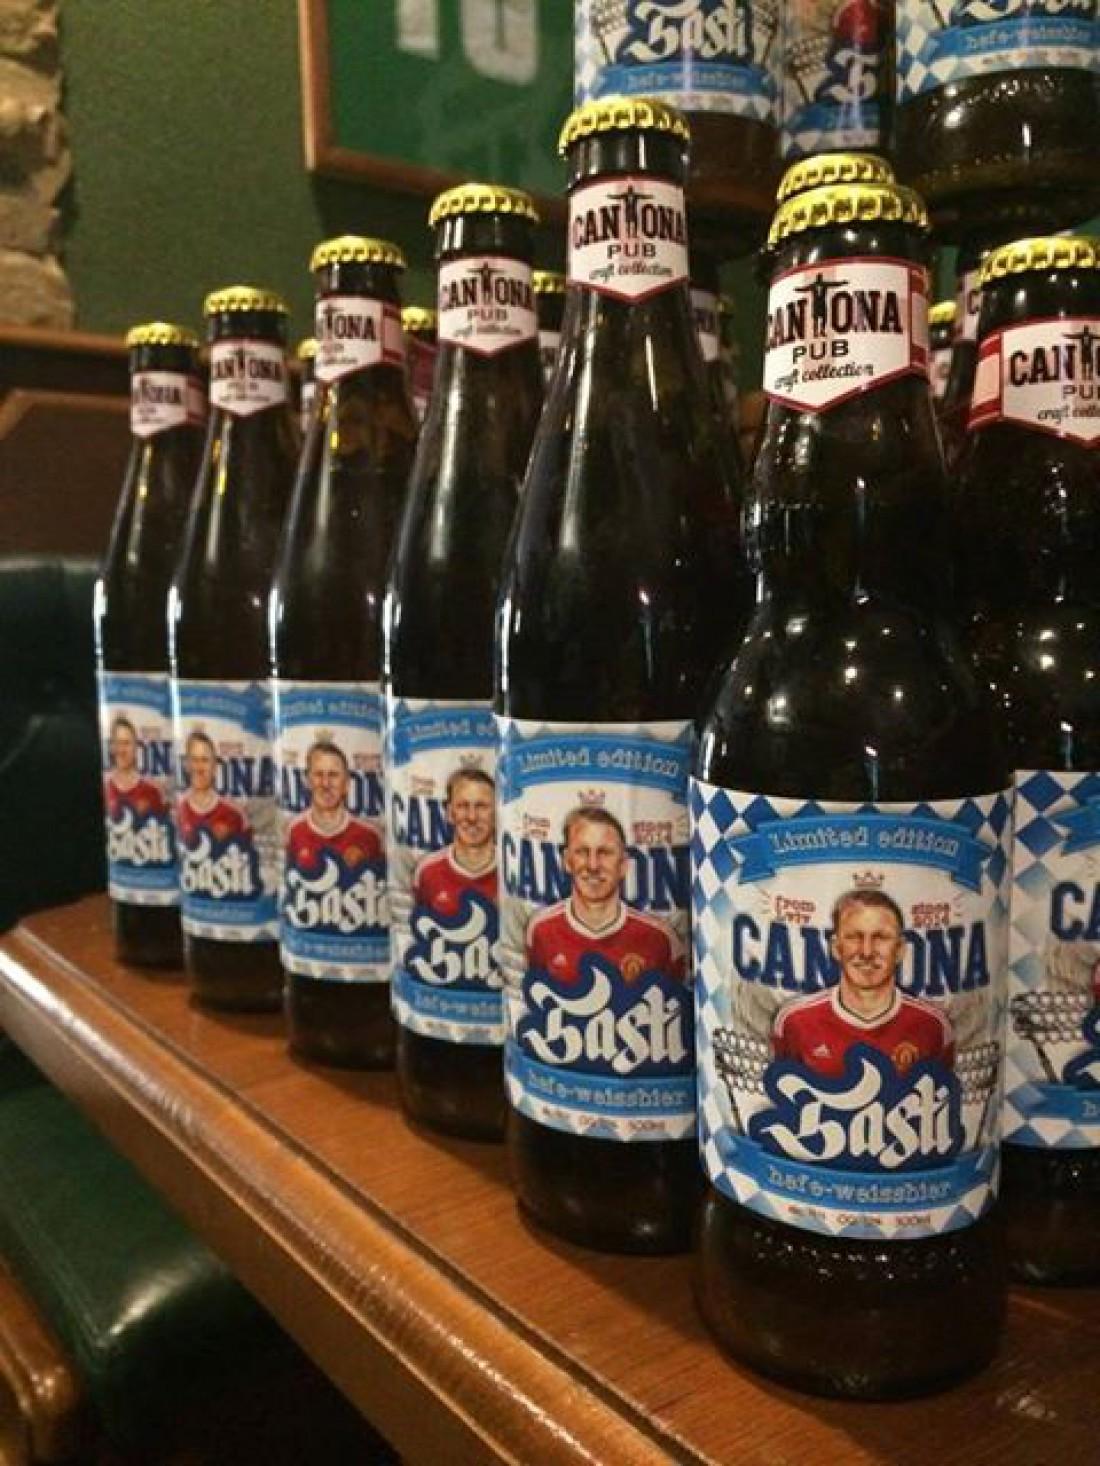 Львовское пиво назвали Басти